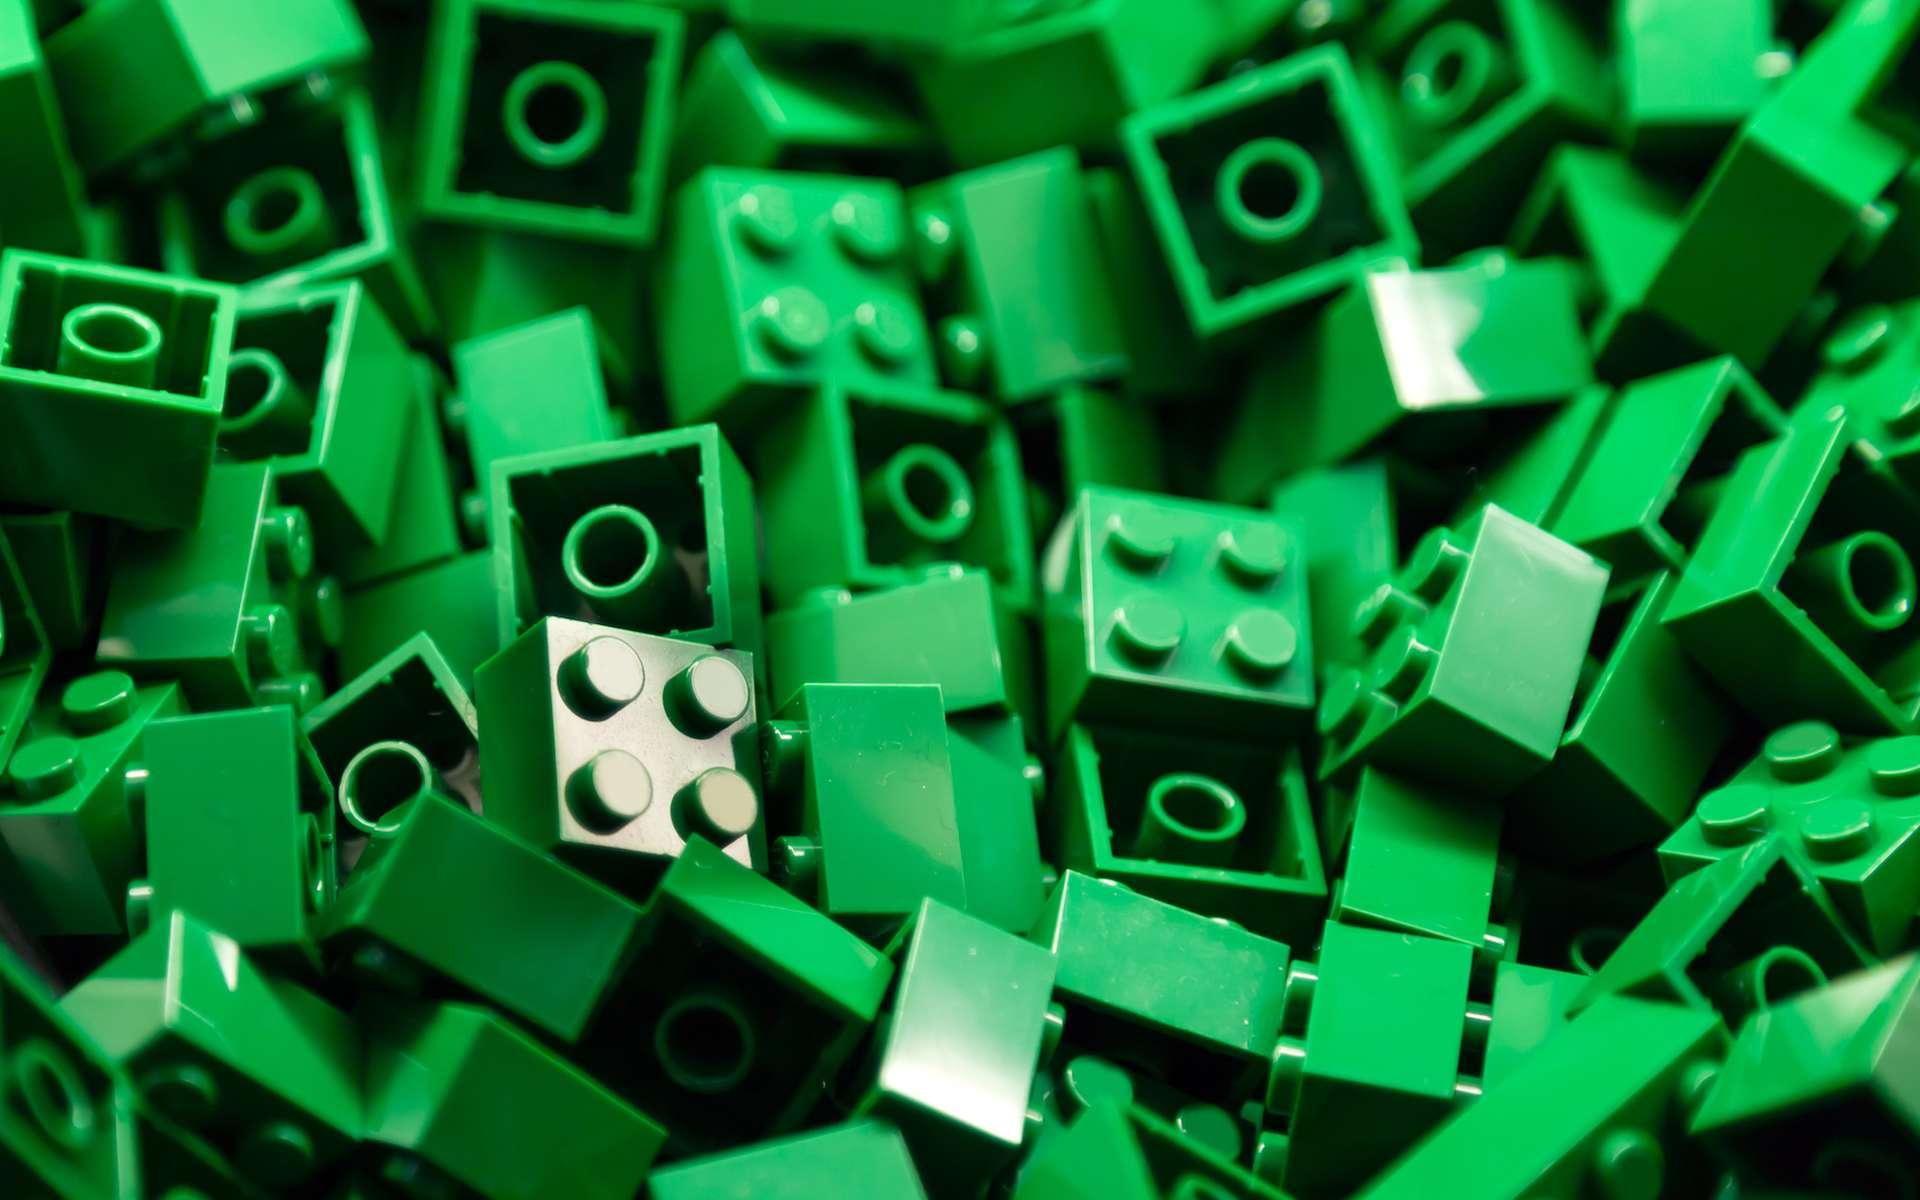 Lego, c'est 6.000 tonnes de plastique utilisées chaque année, dont 70 % d'ABS, issu de dérivés du pétrole. Une situation qui ne devrait plus durer très longtemps. Peut-être grâce à un plastique à base de lignine développé par des chercheurs américains de l'Oak Ridge National Laboratory. © ThamKC, Shutterstock